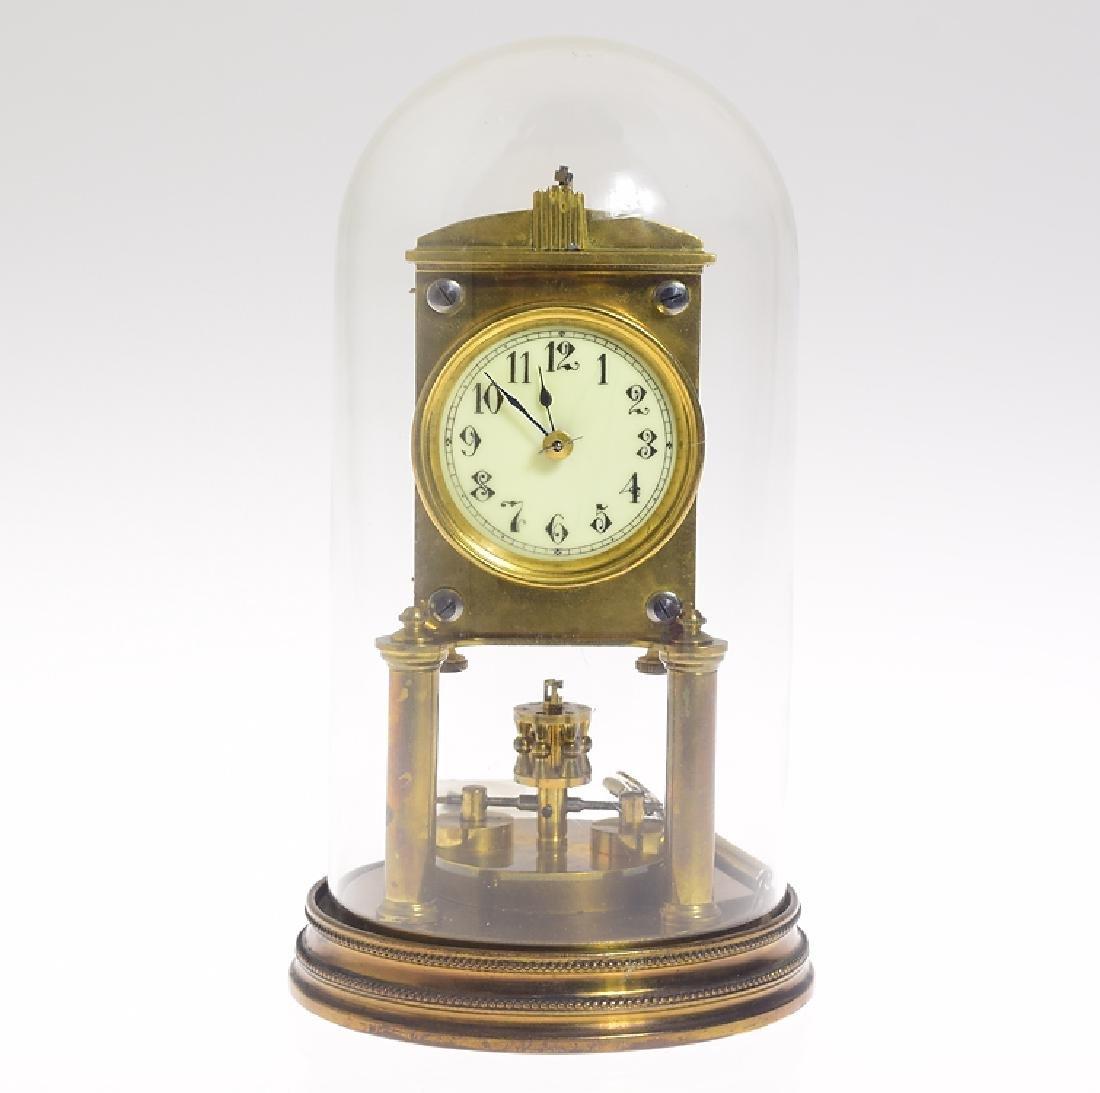 Antique Collectible Clock JUF/JAHRESURENFABRIK